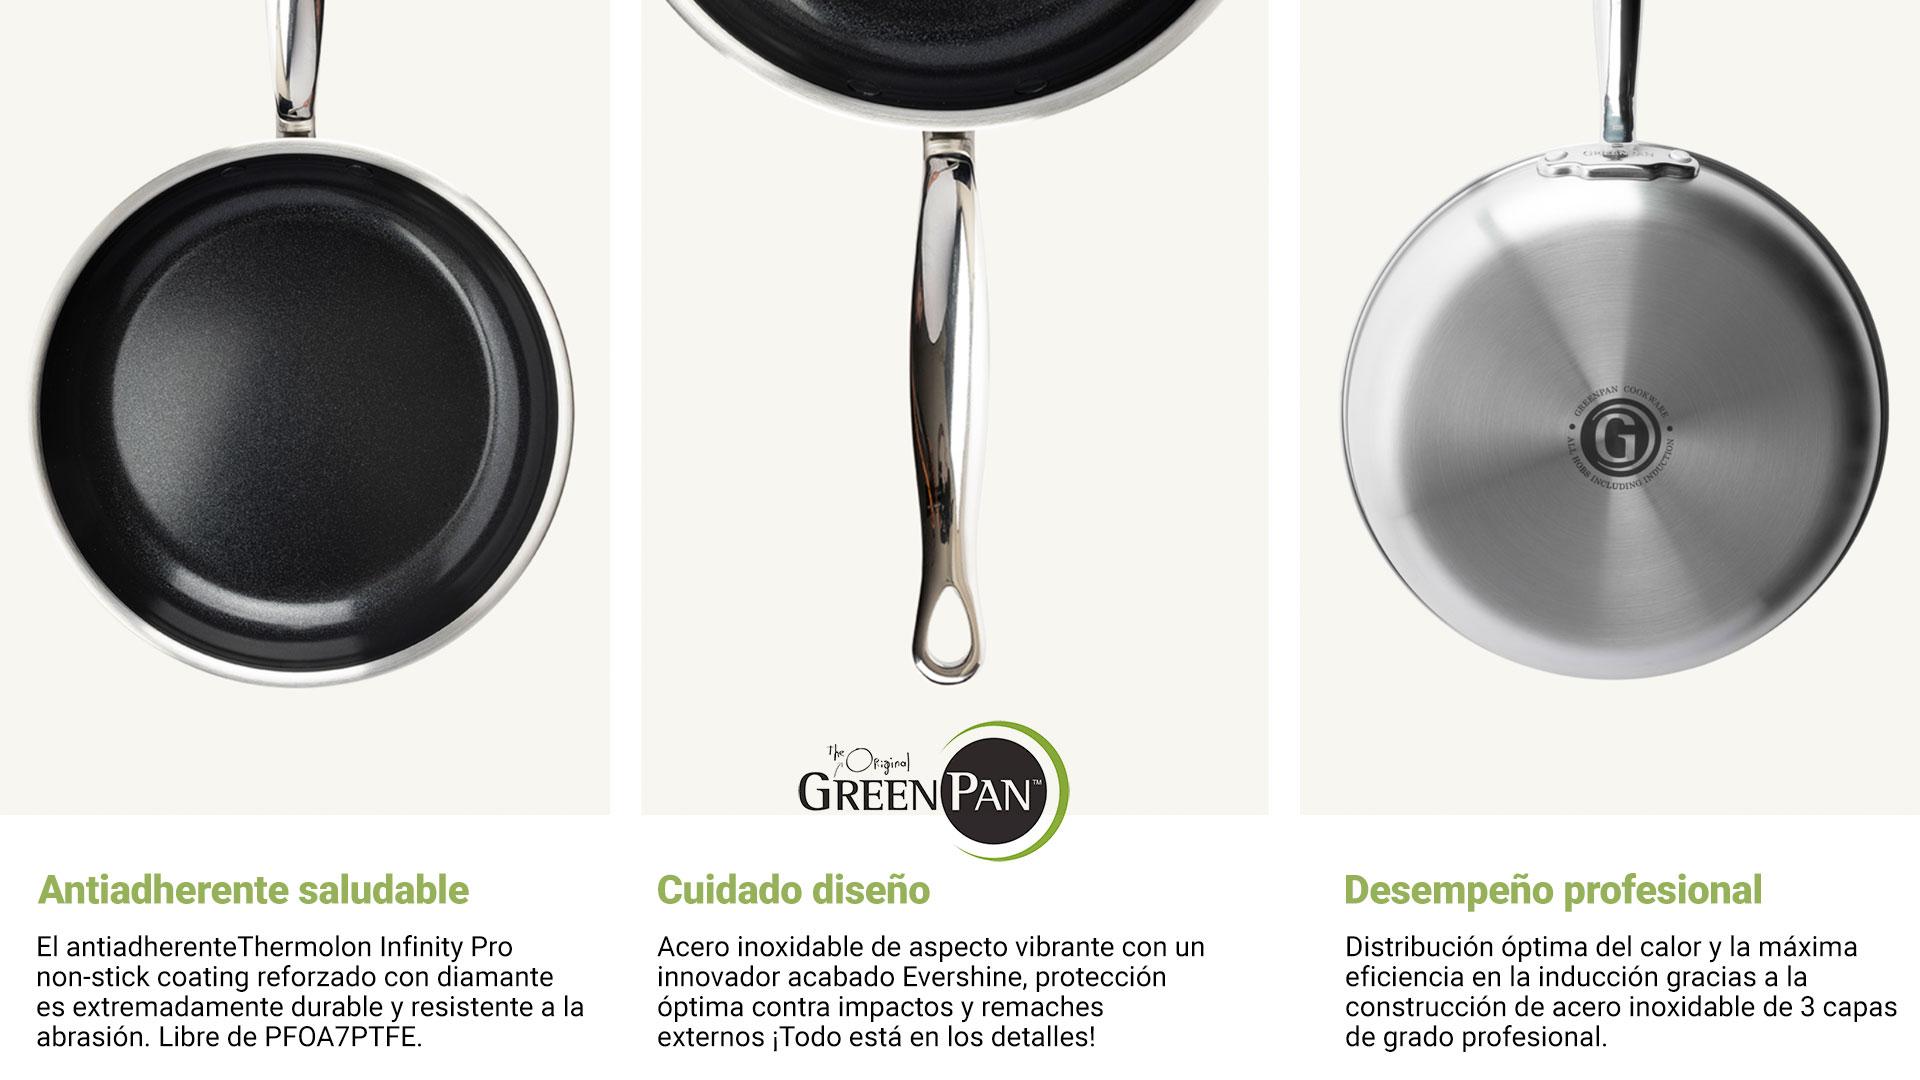 Características de sartenes Green Pan Premiere en lecuine